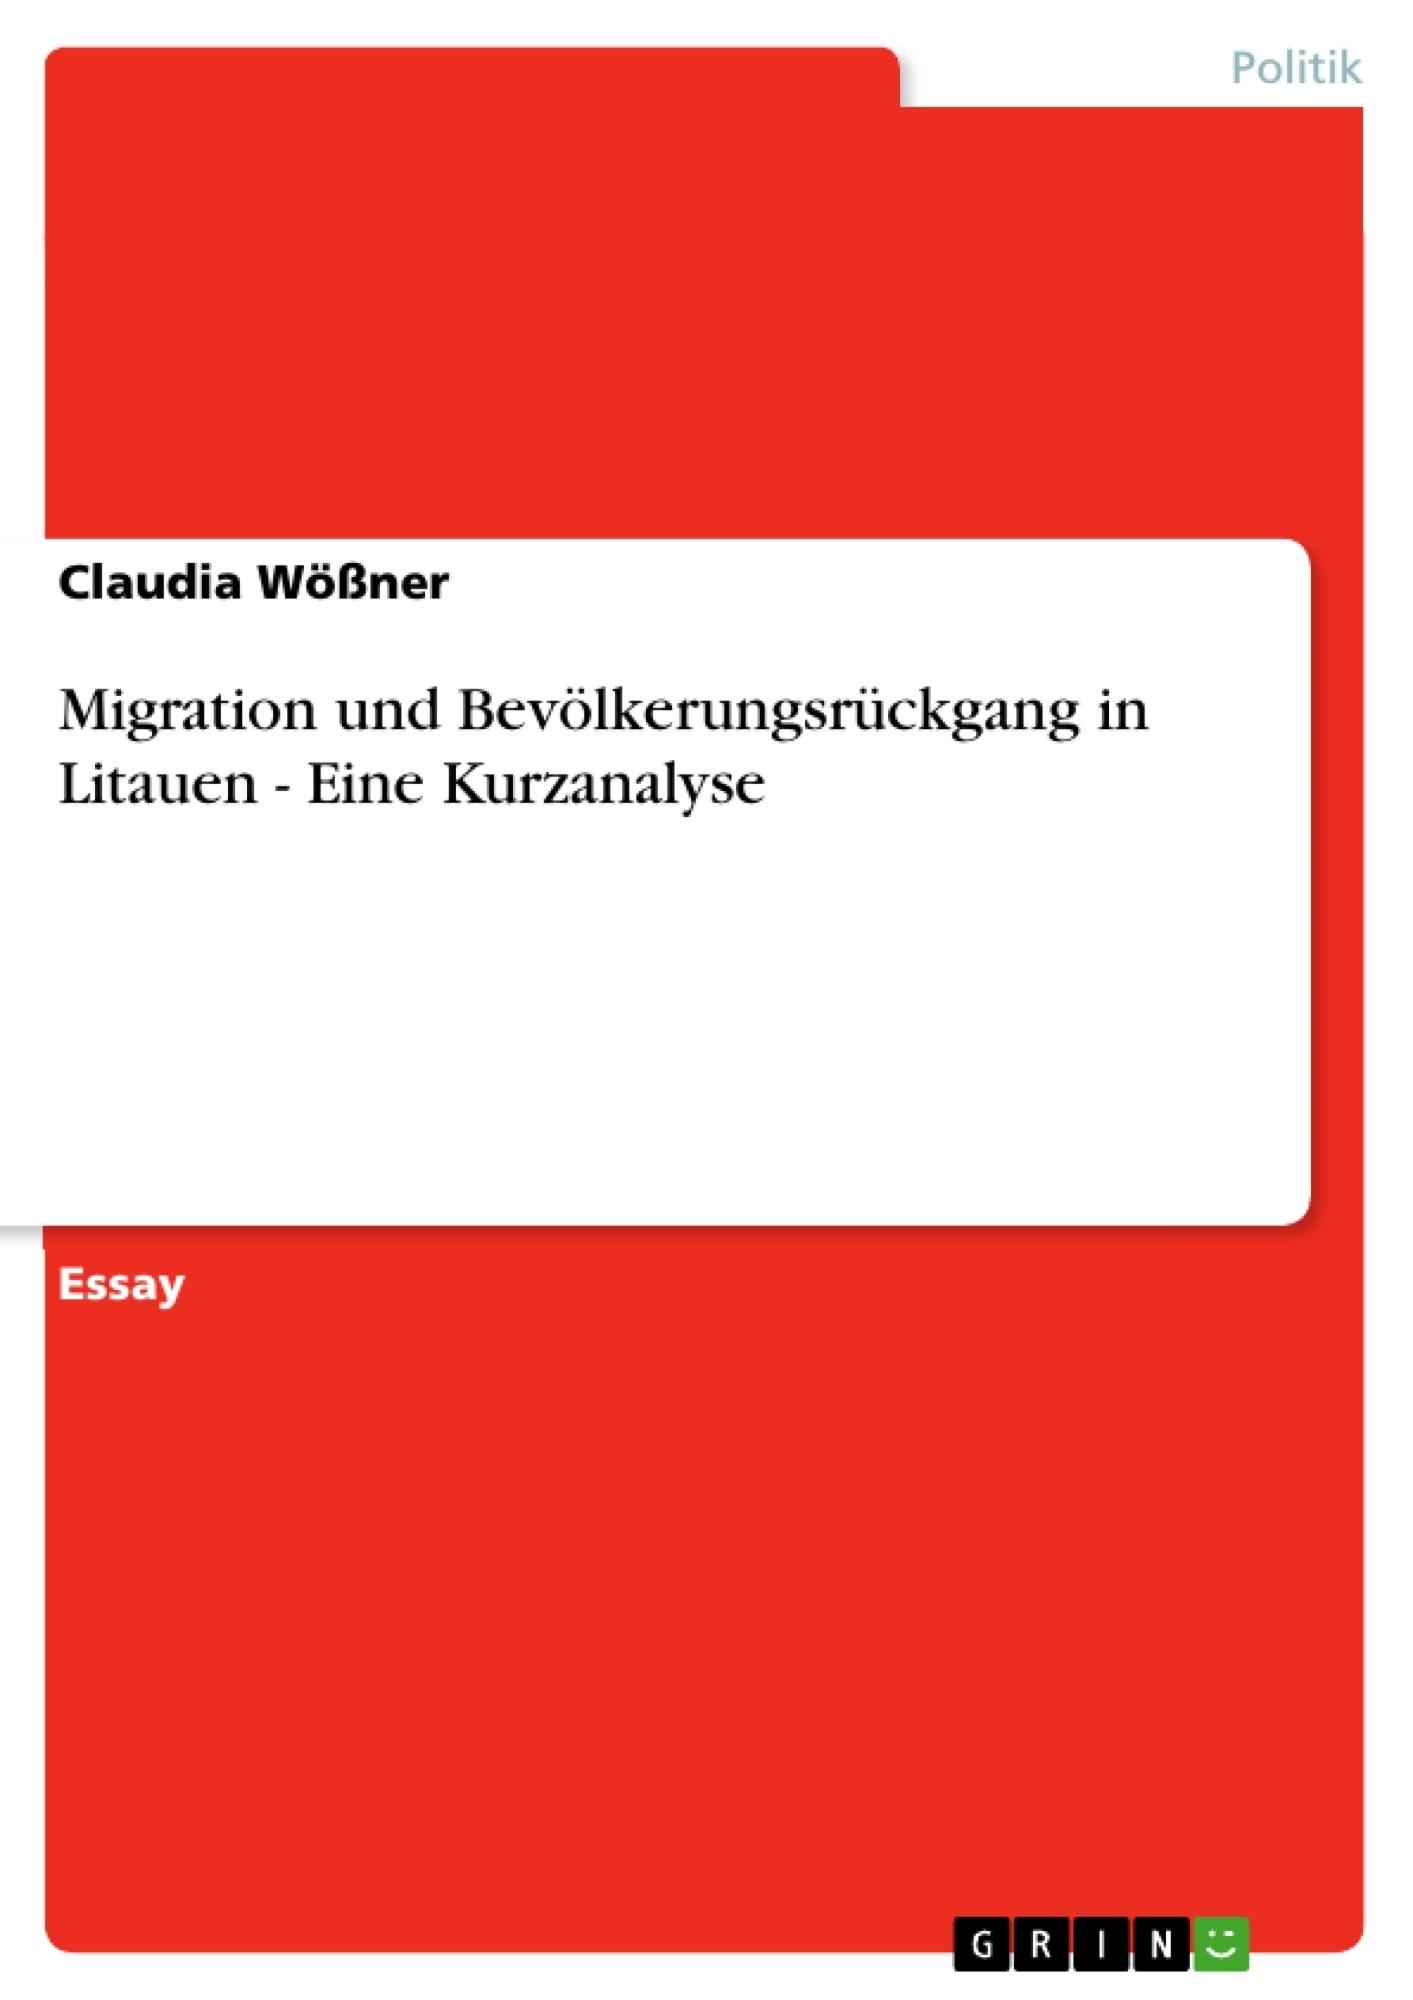 Titel: Migration und Bevölkerungsrückgang in Litauen - Eine Kurzanalyse